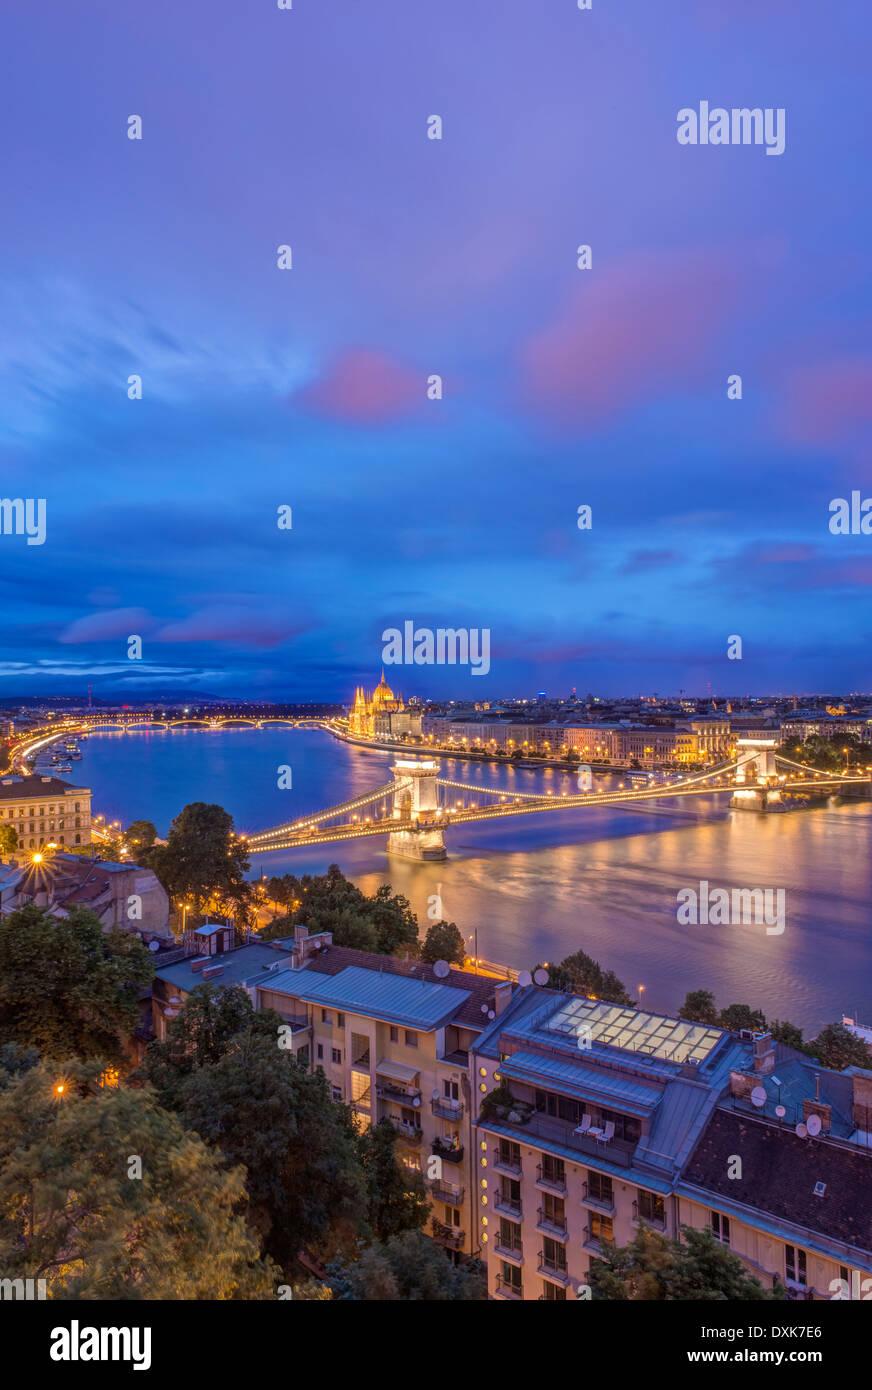 Ansicht der Kettenbrücke beleuchtet in der Nacht, Budapest, Ungarn Stockbild